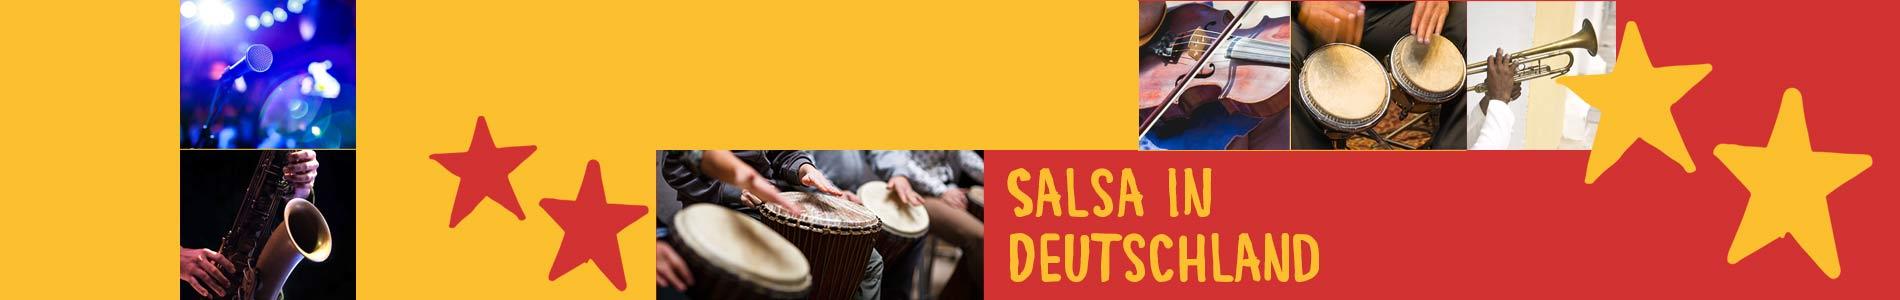 Salsa in Brück – Salsa lernen und tanzen, Tanzkurse, Partys, Veranstaltungen